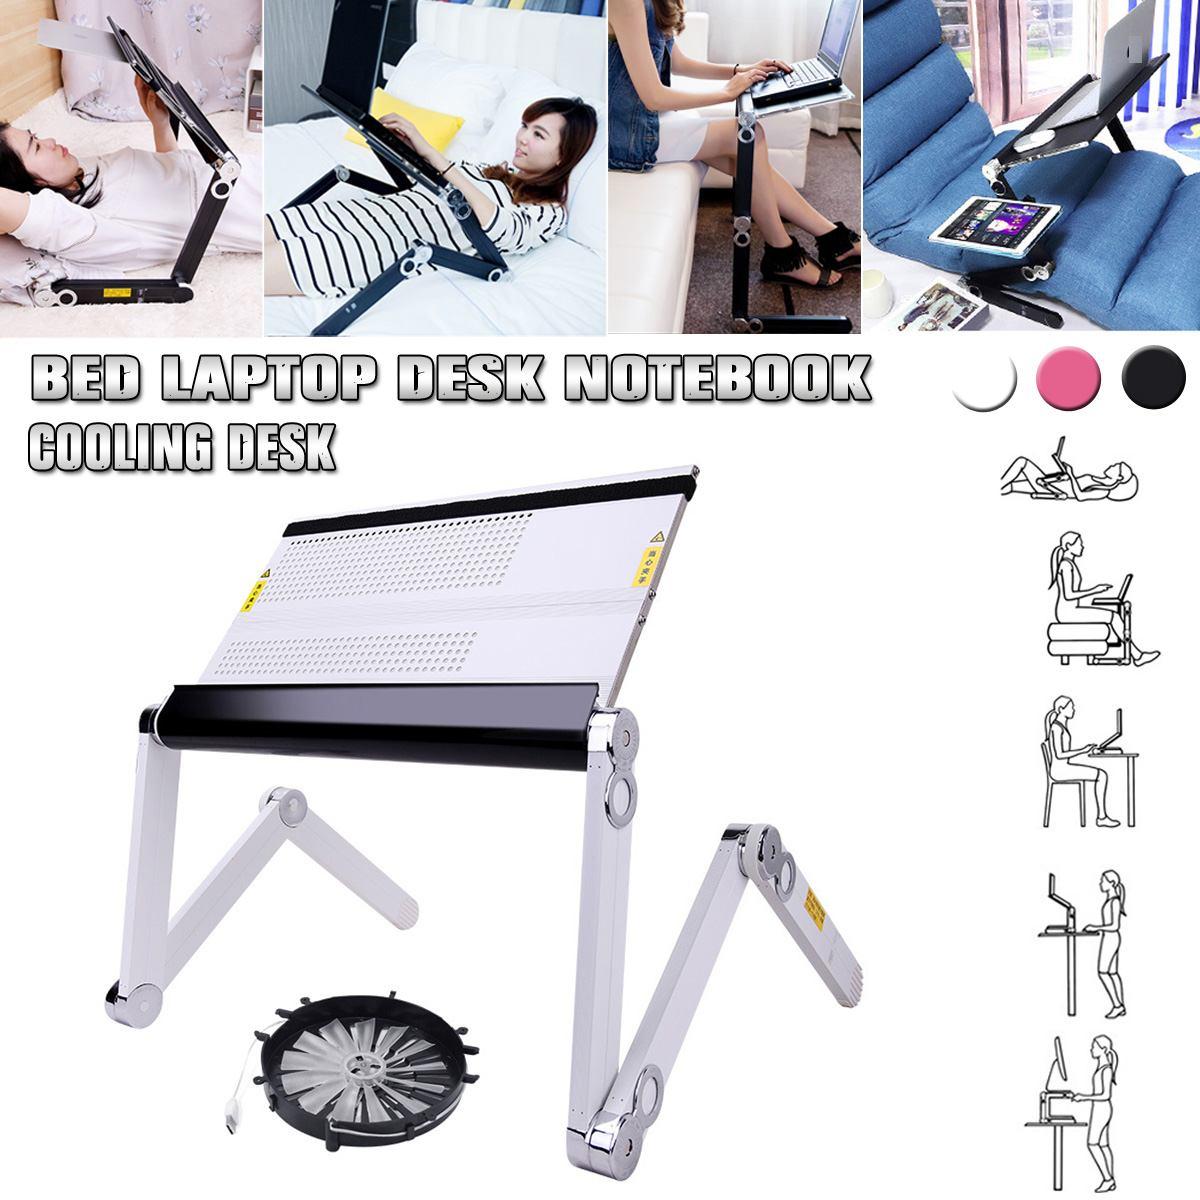 360 درجة قابل للتعديل دفتر مناسبة مع مروحة التبريد للطي لاب توب محمول مكتب الجدول حامل صينية للنوم وأريكة